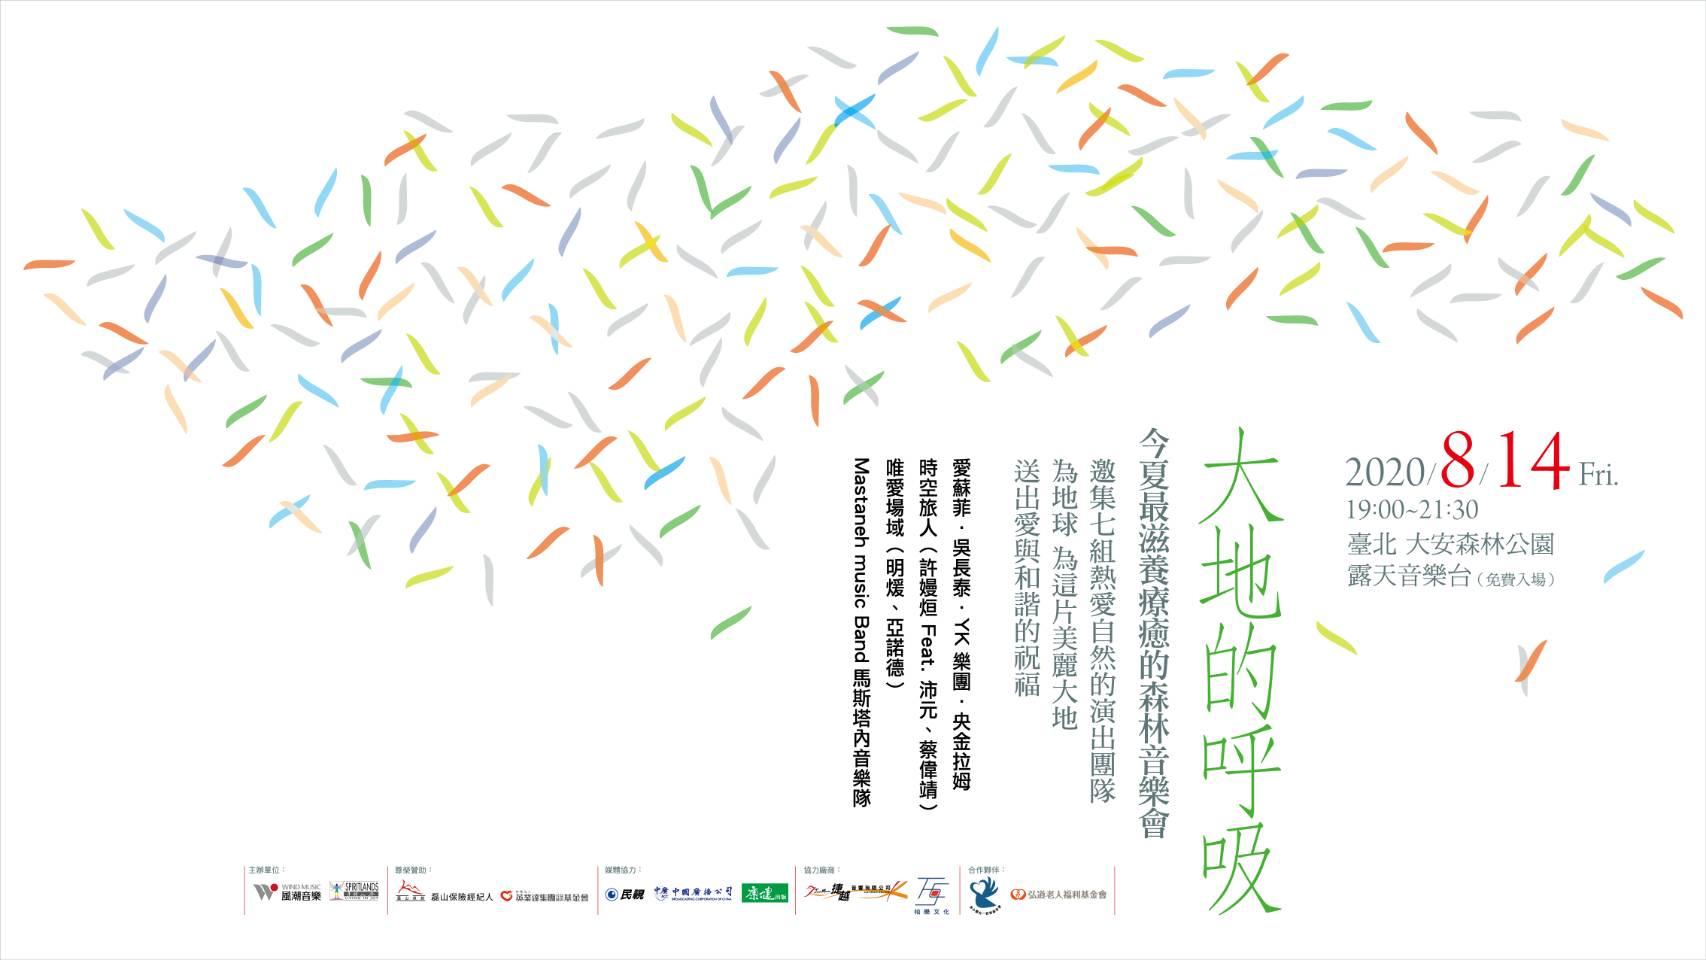 創齡活動|「守護健康・守護地球」大地的呼吸 音樂會